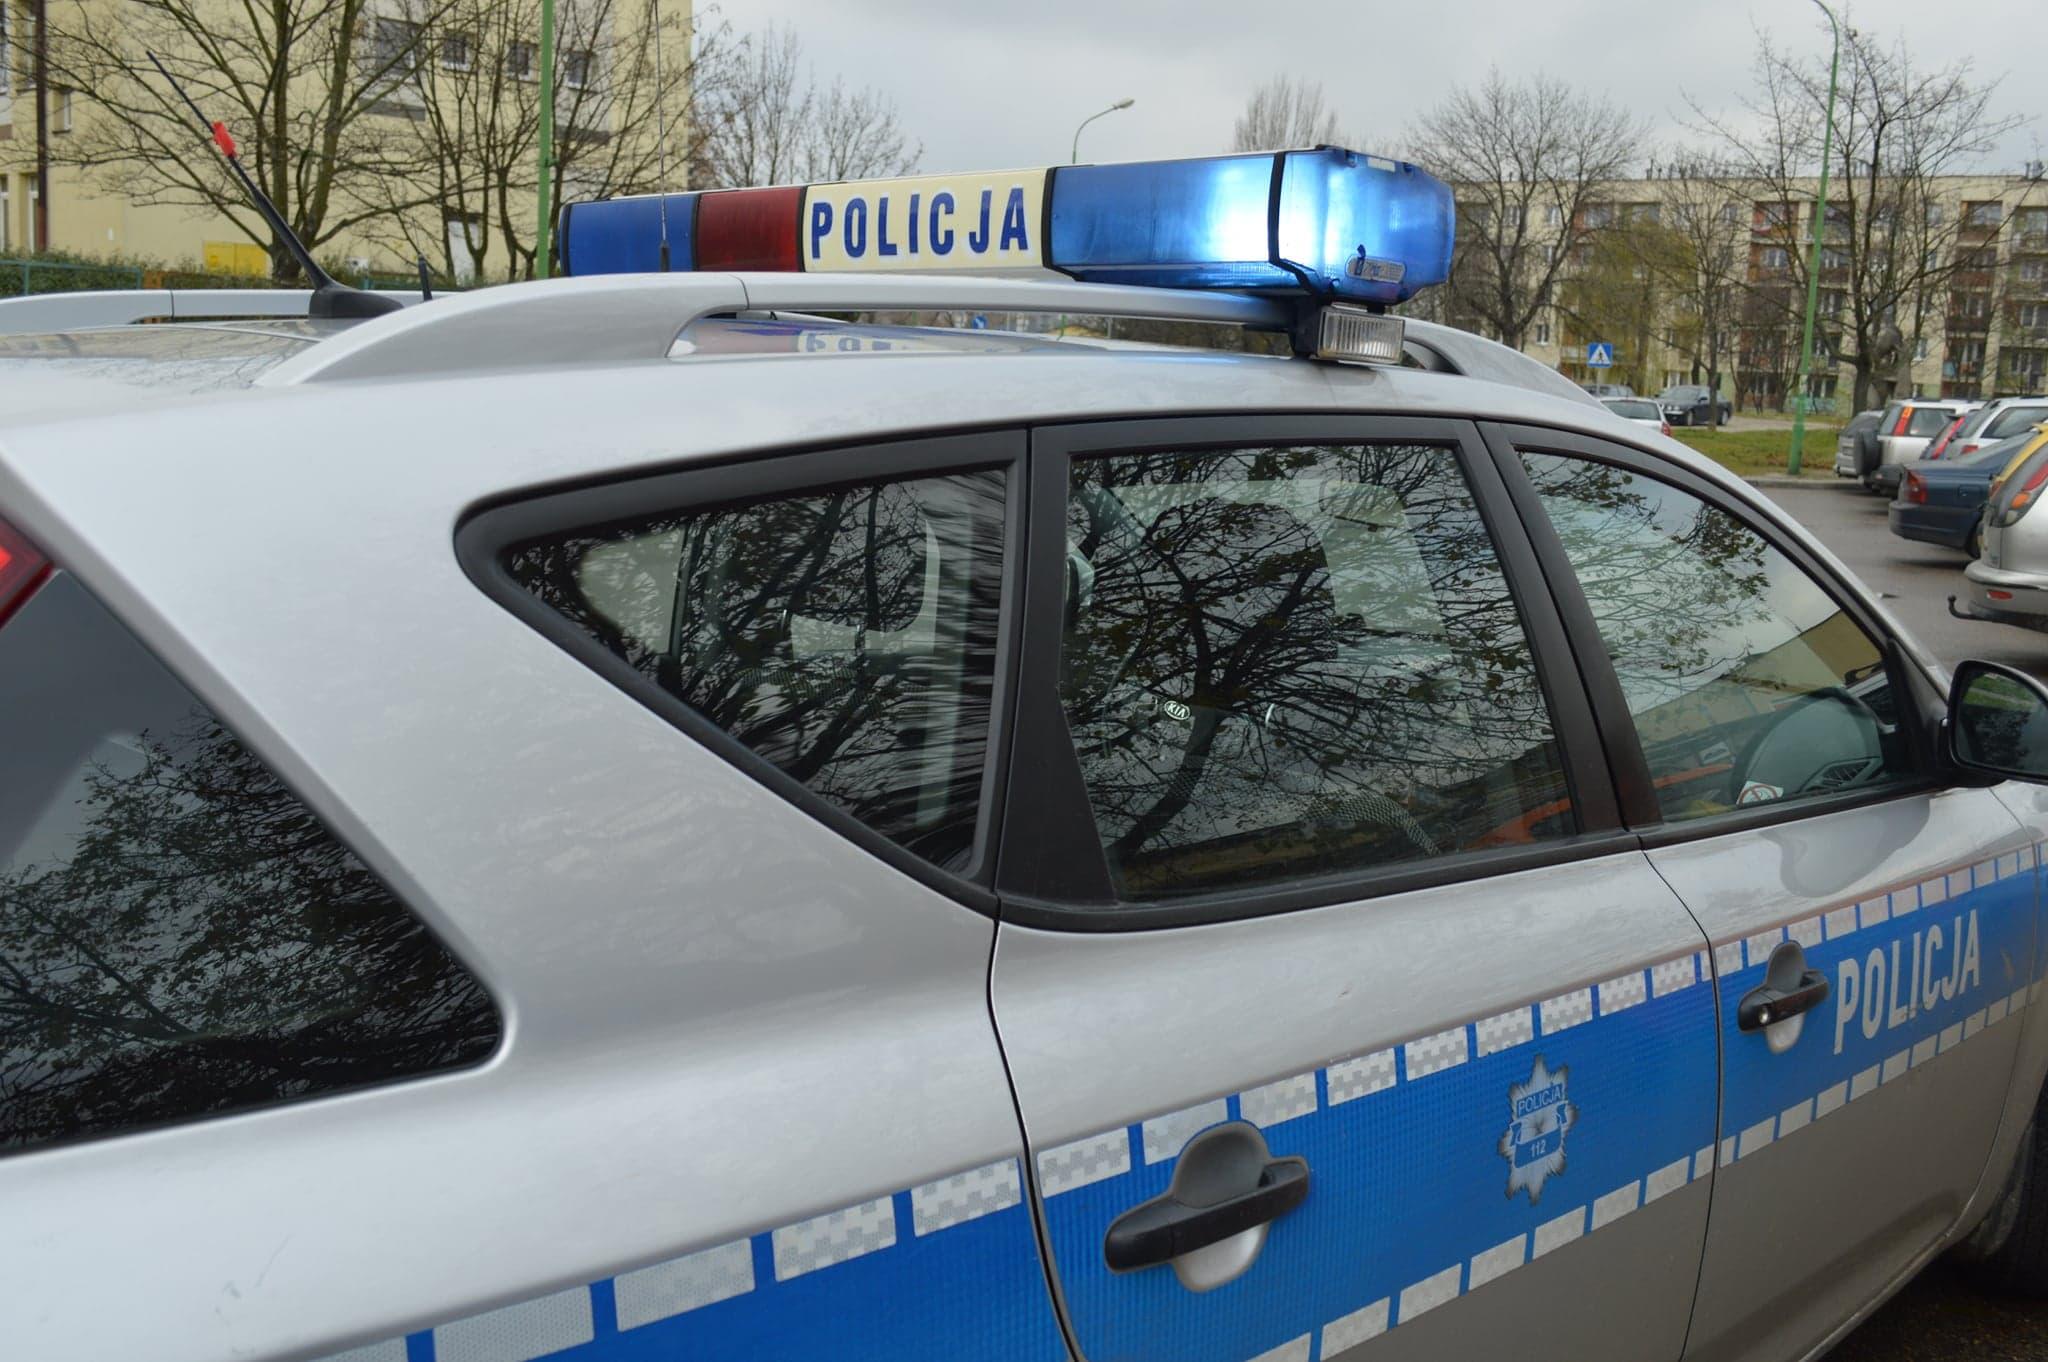 Policja szuka świadków zdarzenia w Mielcu! - Zdjęcie główne